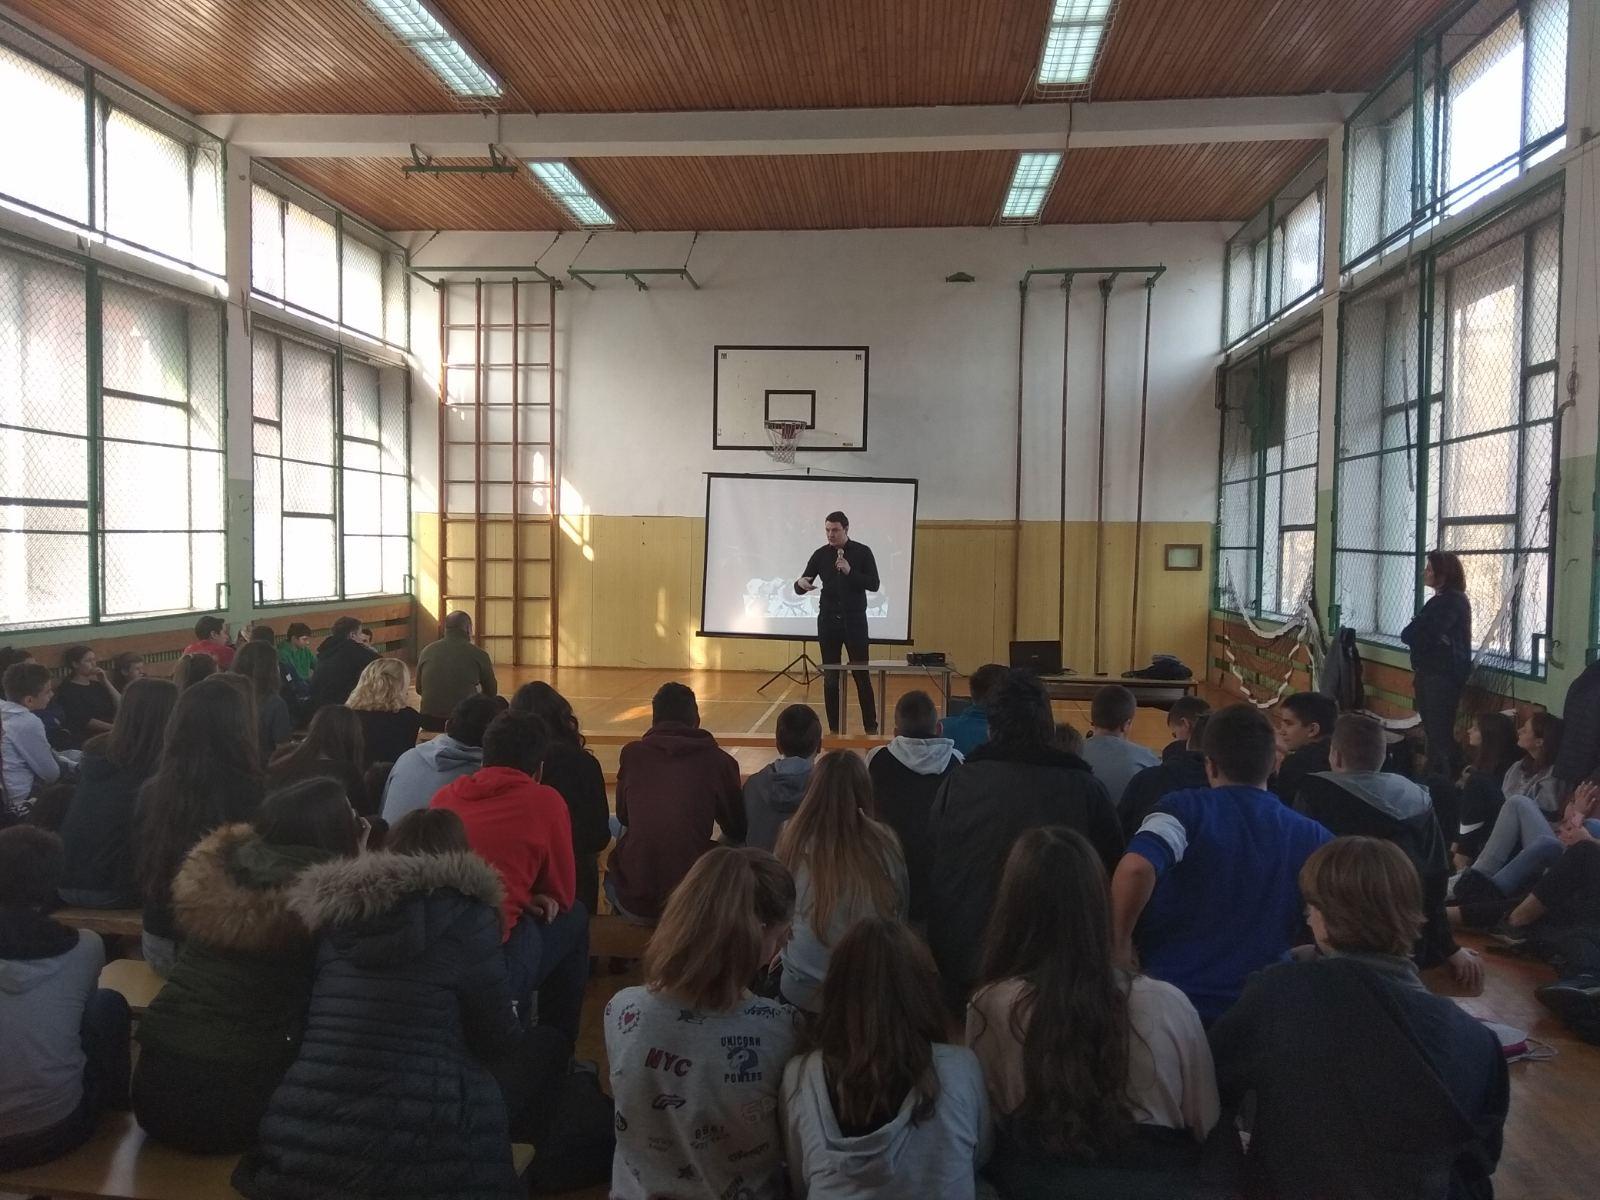 Školski čas kulture govora - OŠ Sonja Marinković, Novi Sad